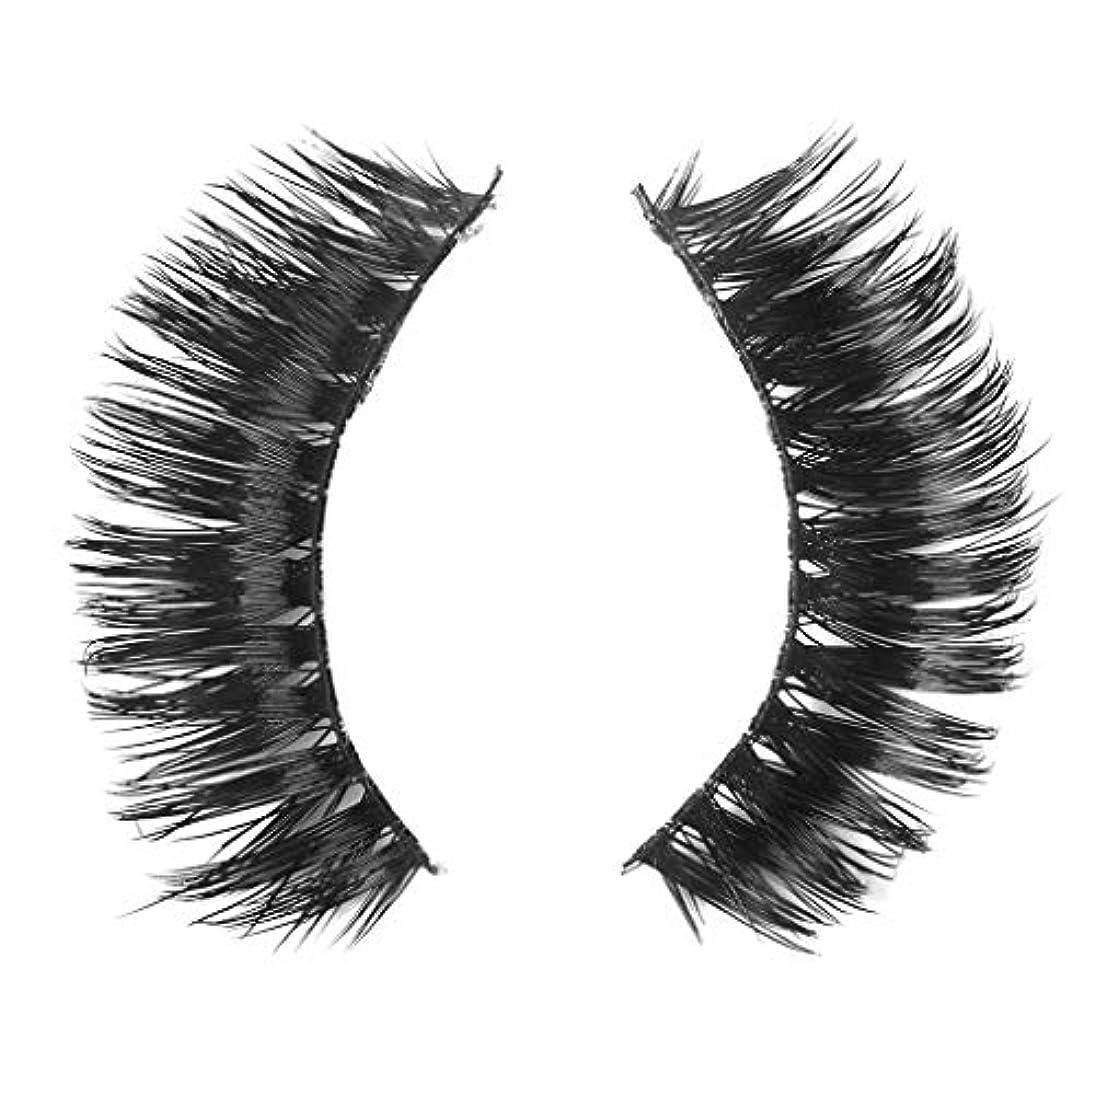 分配します絶えずひもミンクの毛の自然な厚くなる化粧品の3D版のための一組のまつげ